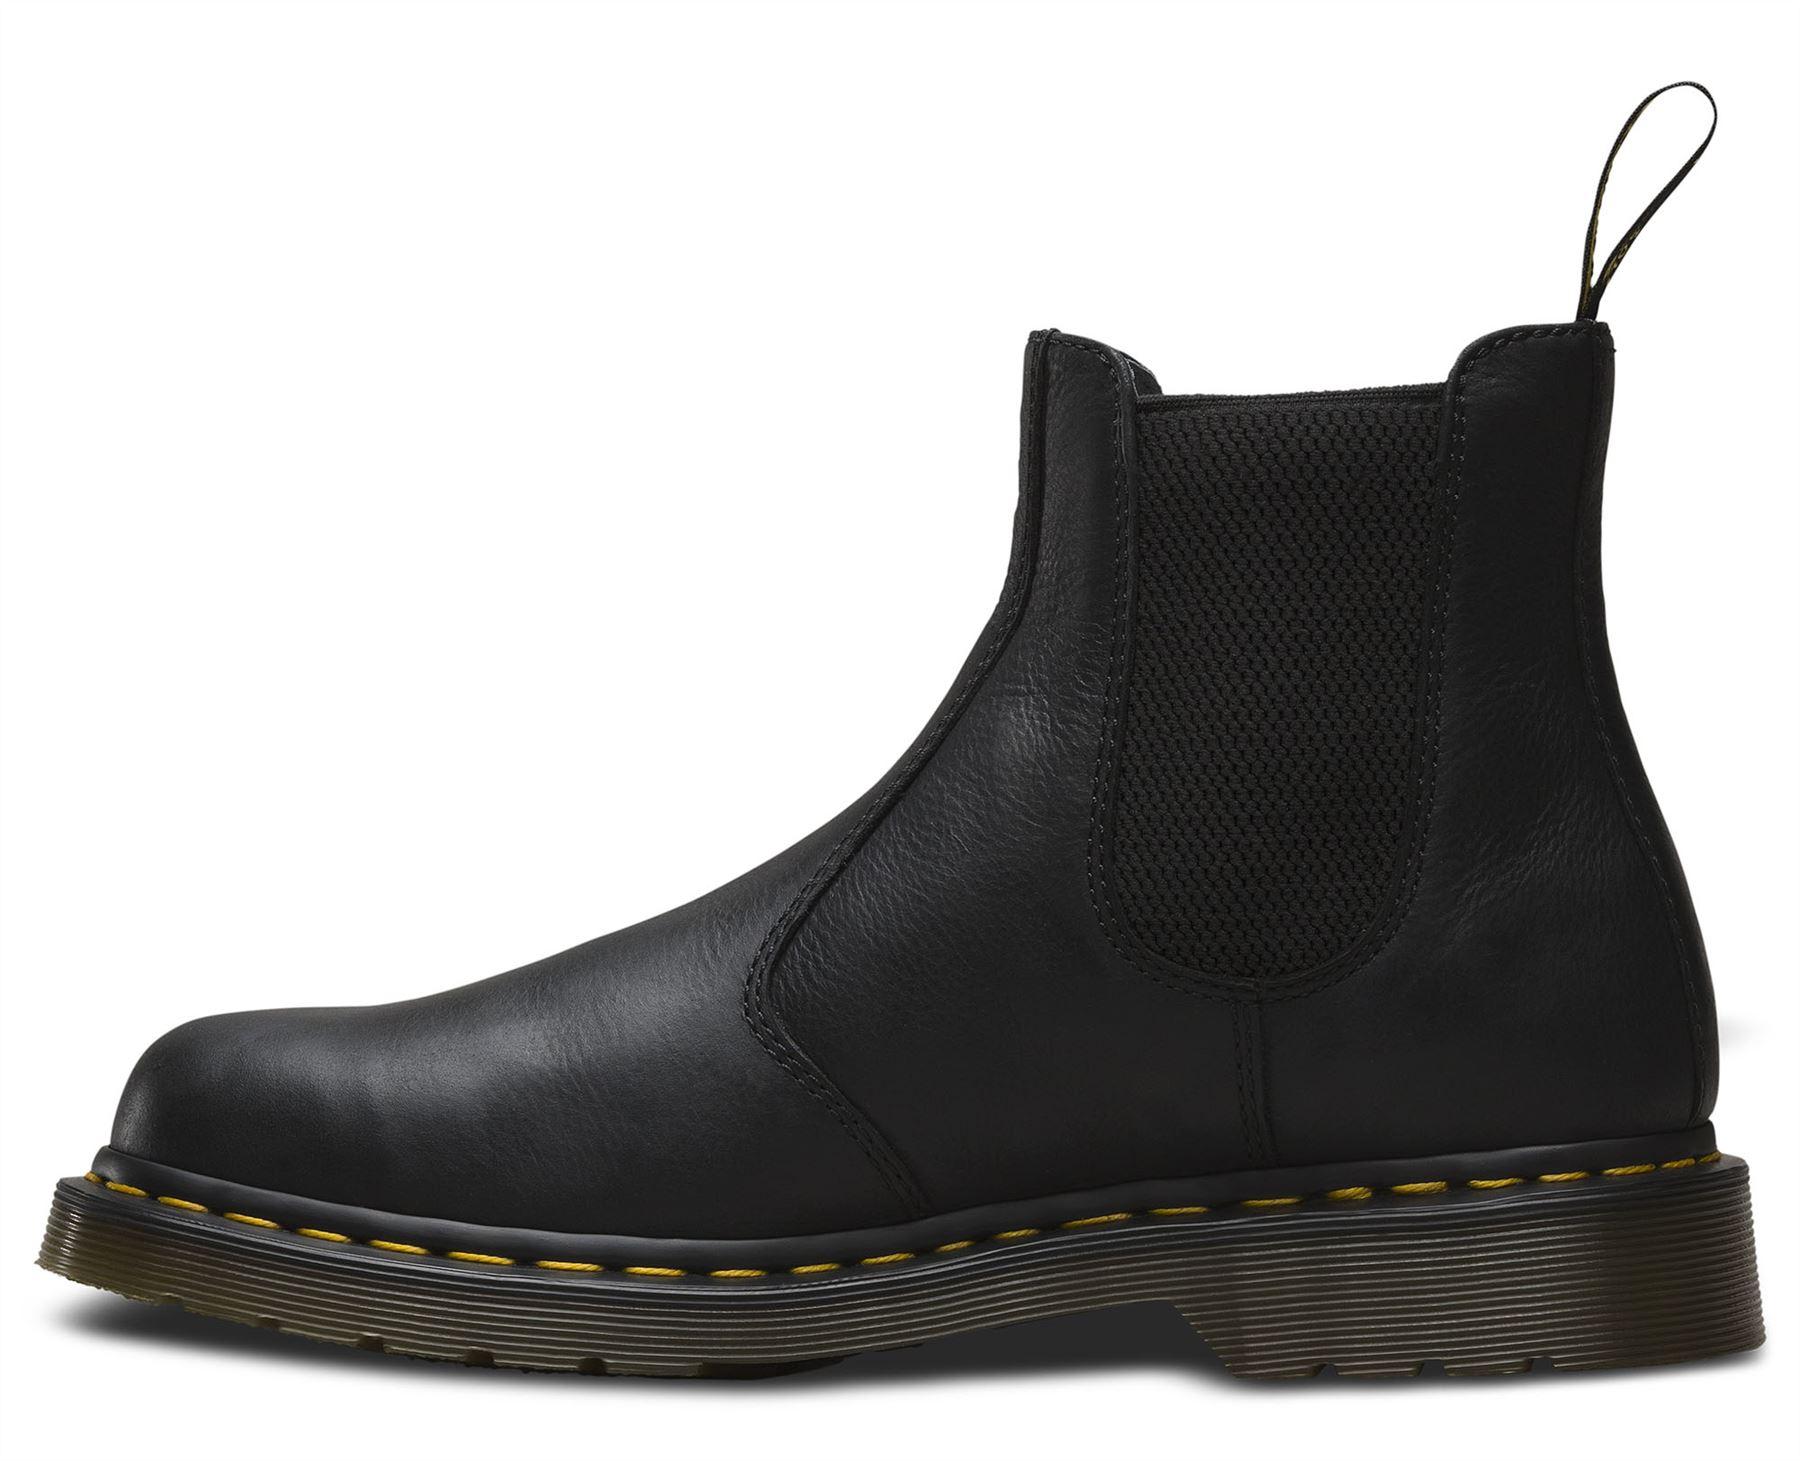 dr martens mens 2976 chelsea dealer premium carpathian leather ankle doc boots ebay. Black Bedroom Furniture Sets. Home Design Ideas